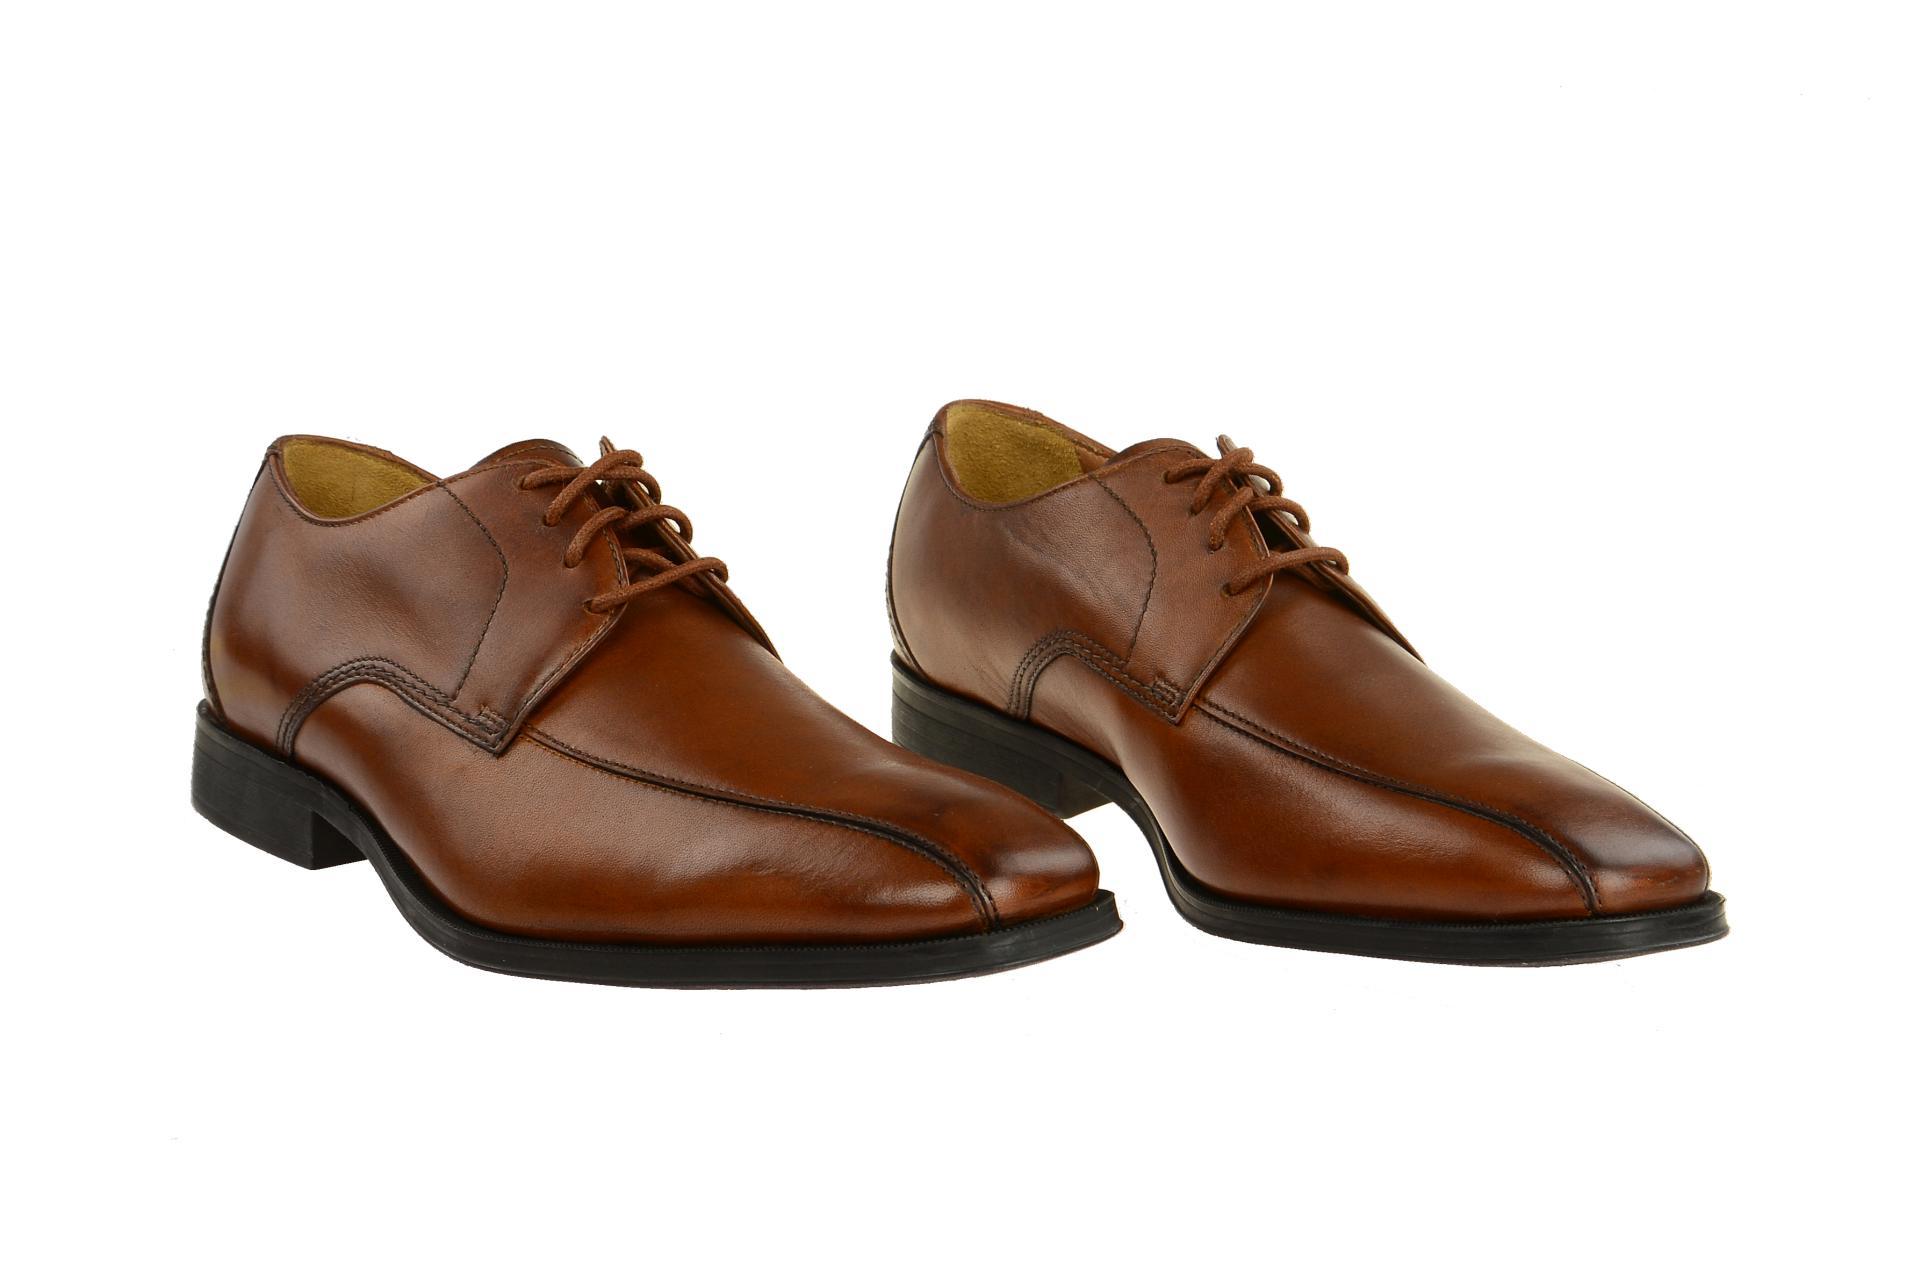 new product af303 64bc5 Details zu Clarks Schuhe GILMAN MODE braun Herrenschuhe elegante Halbschuhe  26130280 7 NEU